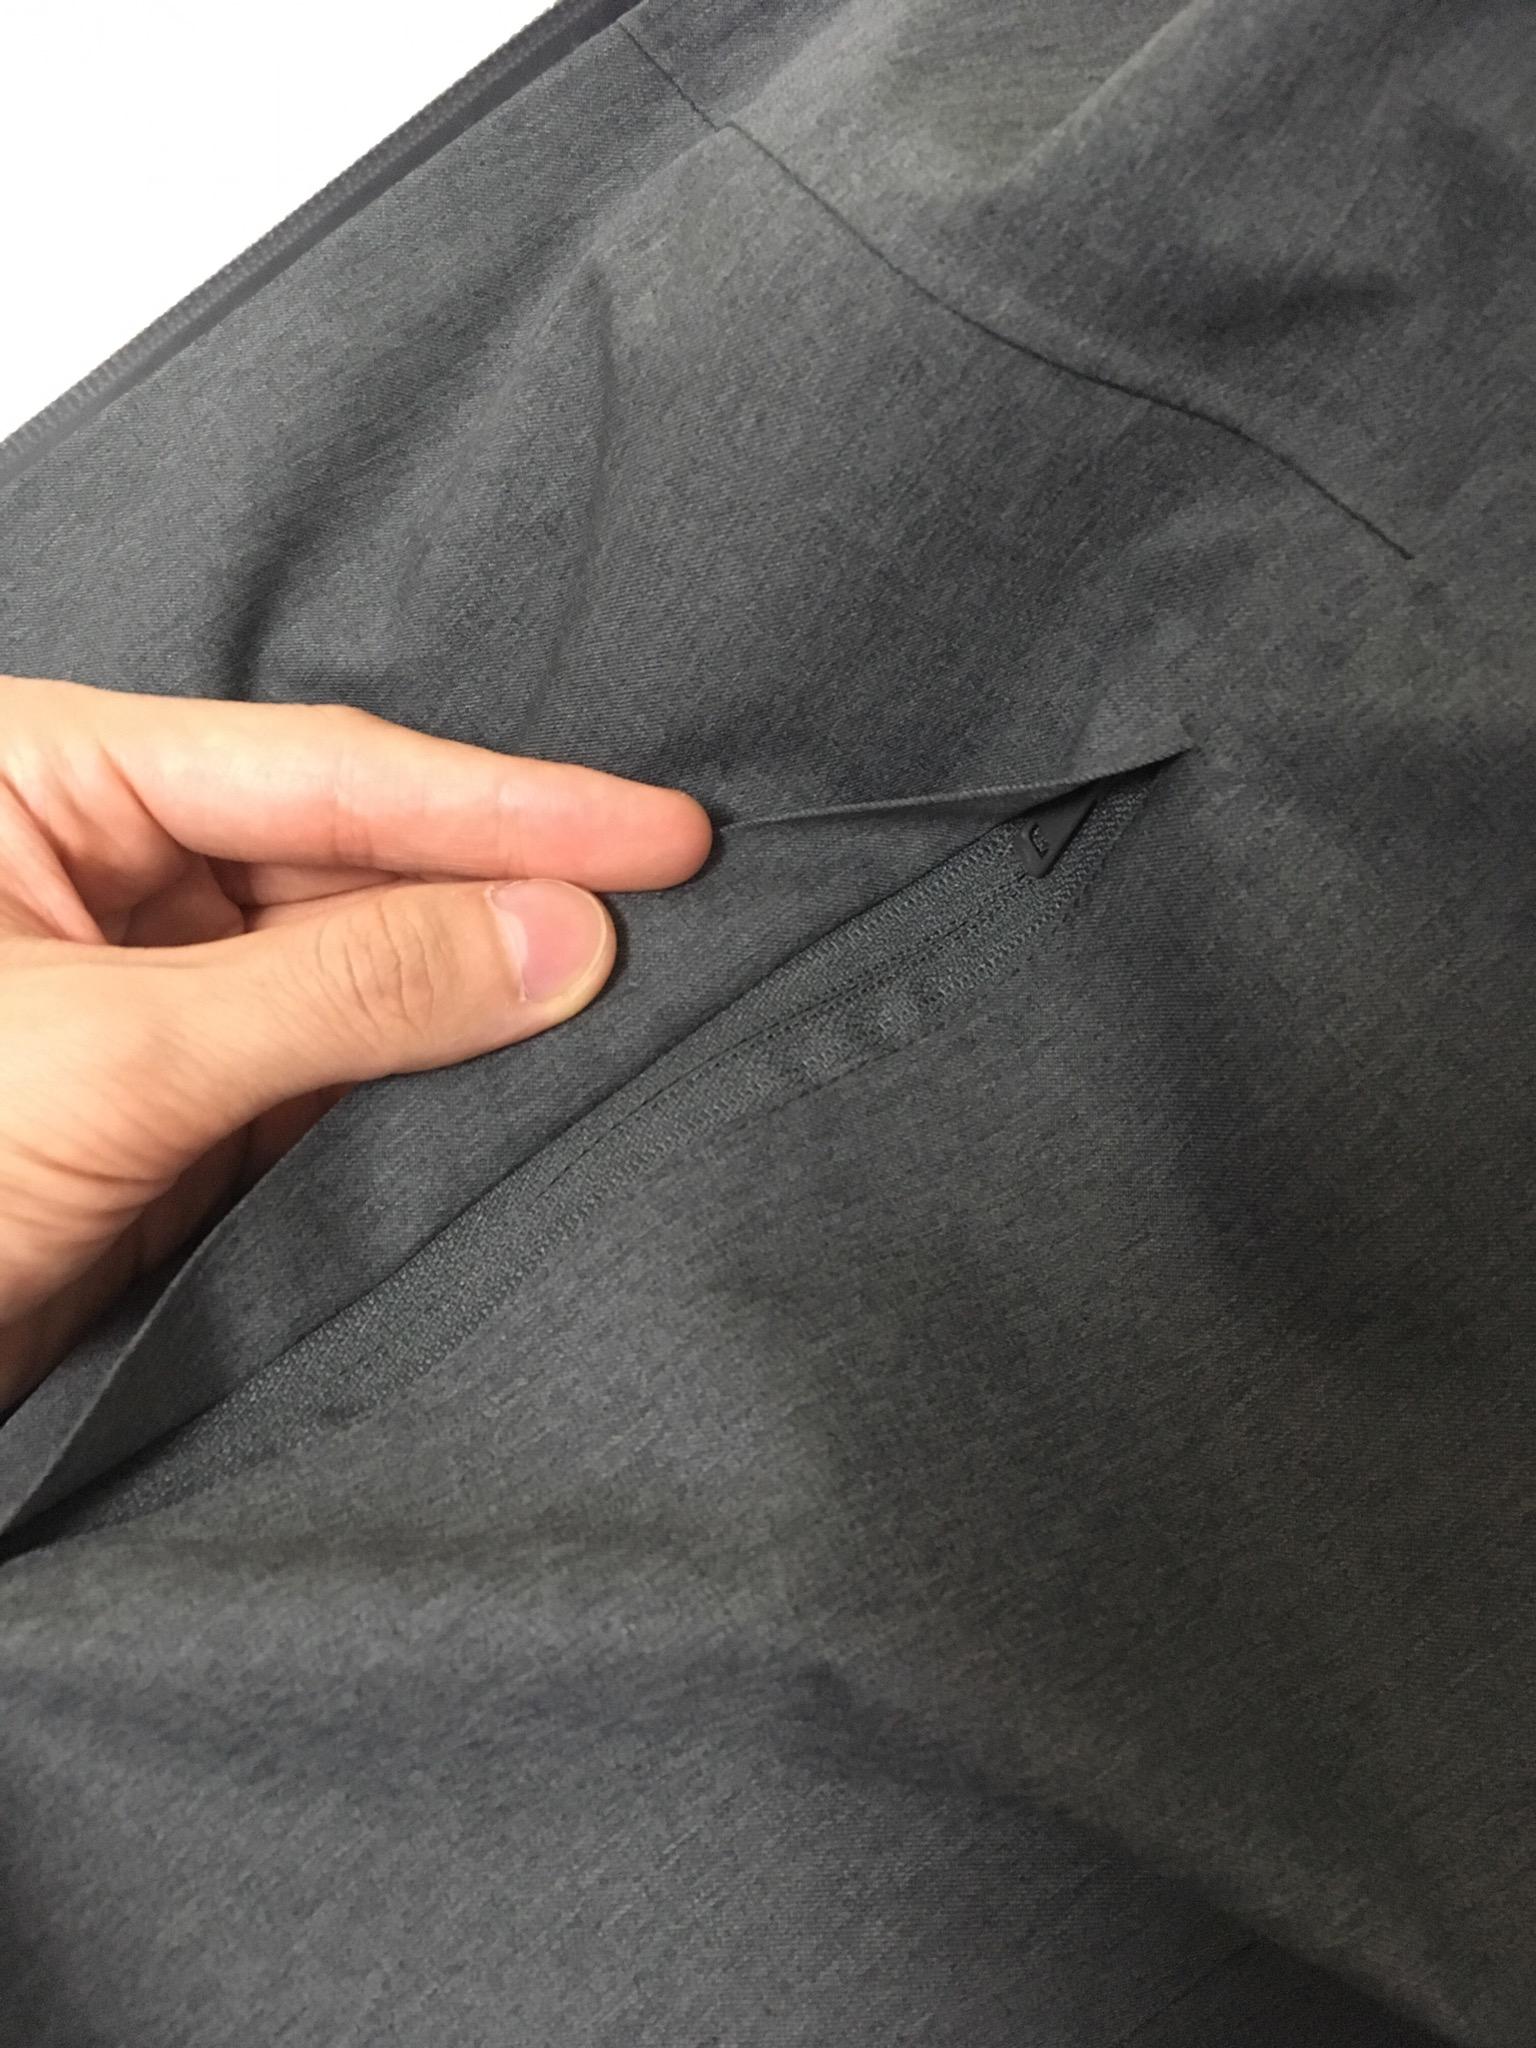 ブロックテックパーカのポケットのファスナー